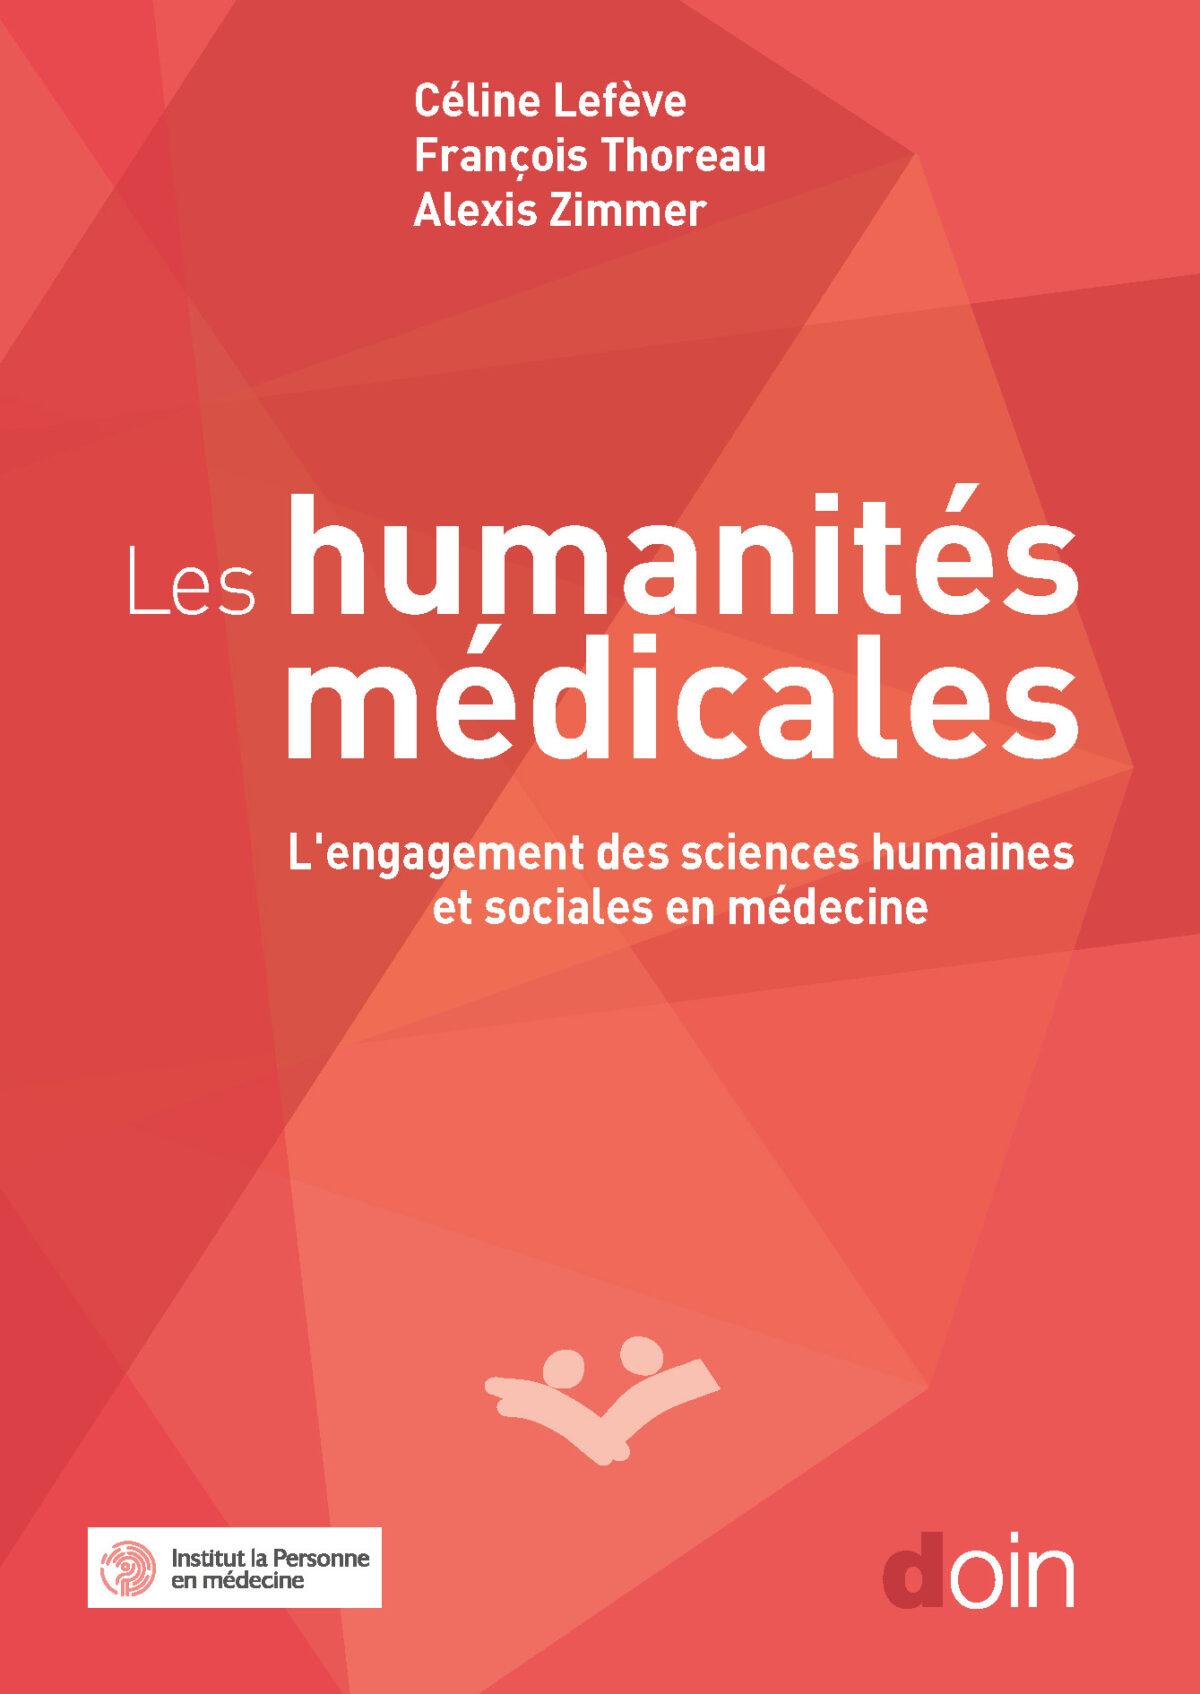 Parution : Les humanités médicales. L'engagement des sciences humaines et sociales en médecine